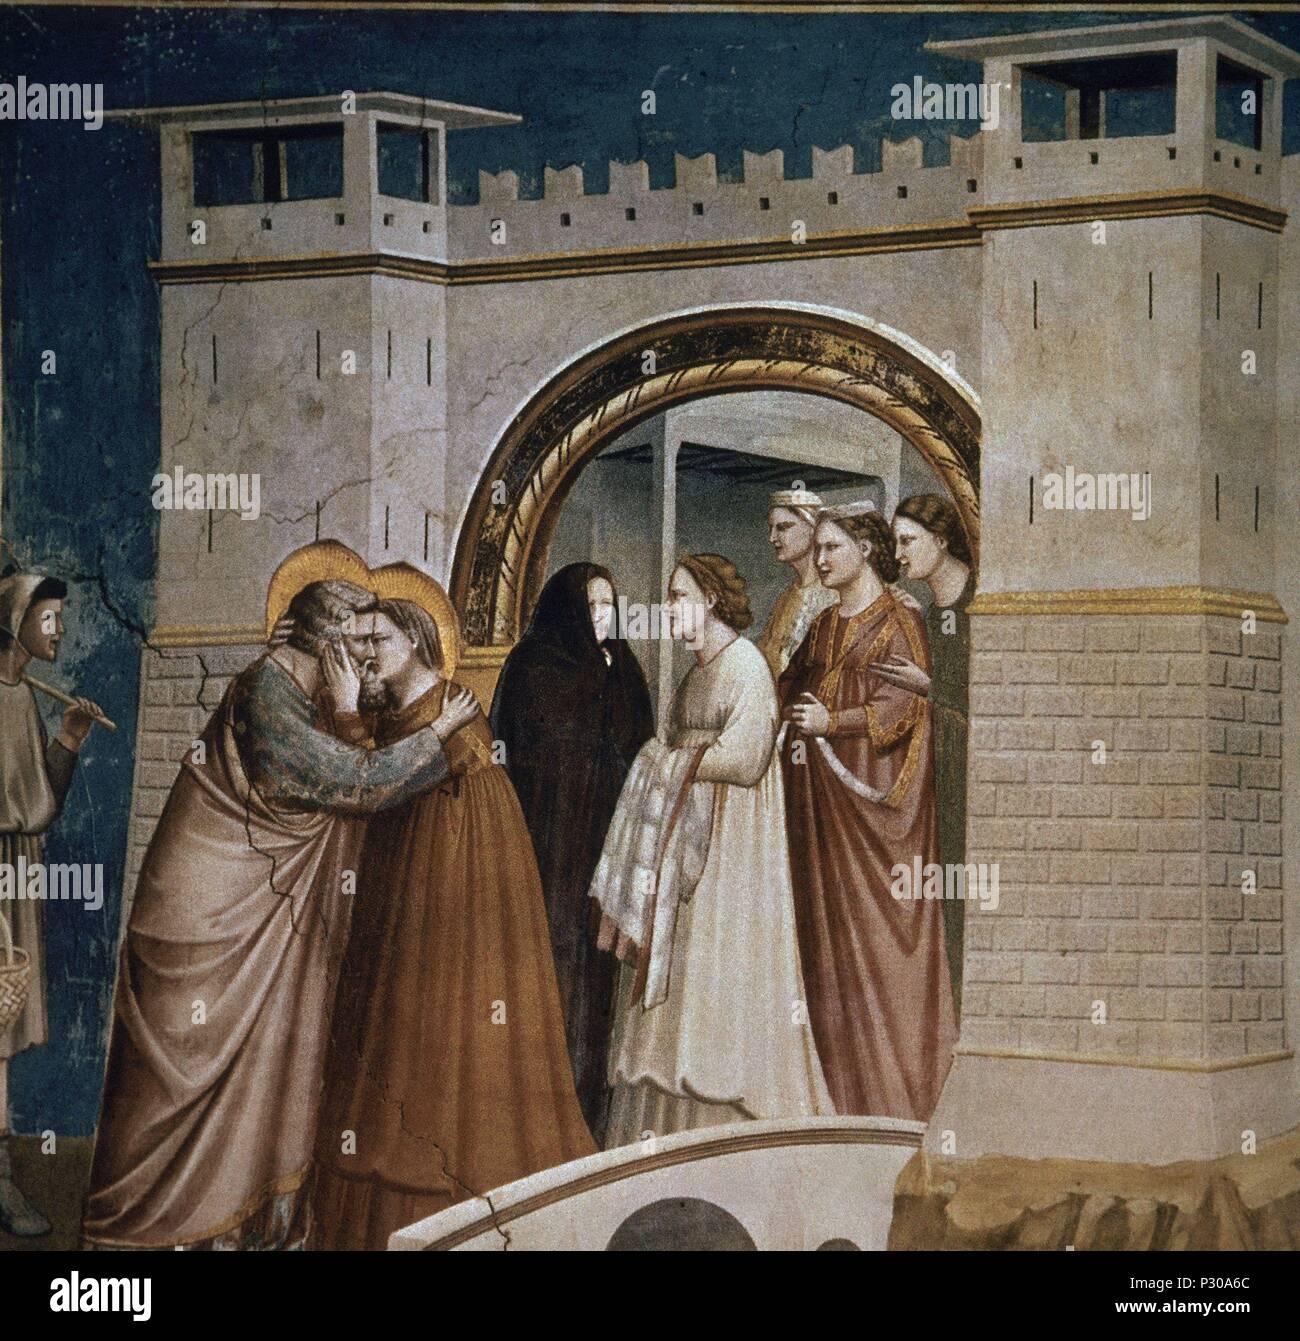 Fresco By Giotto Stock Photos & Fresco By Giotto Stock ...  Fresco By Giott...